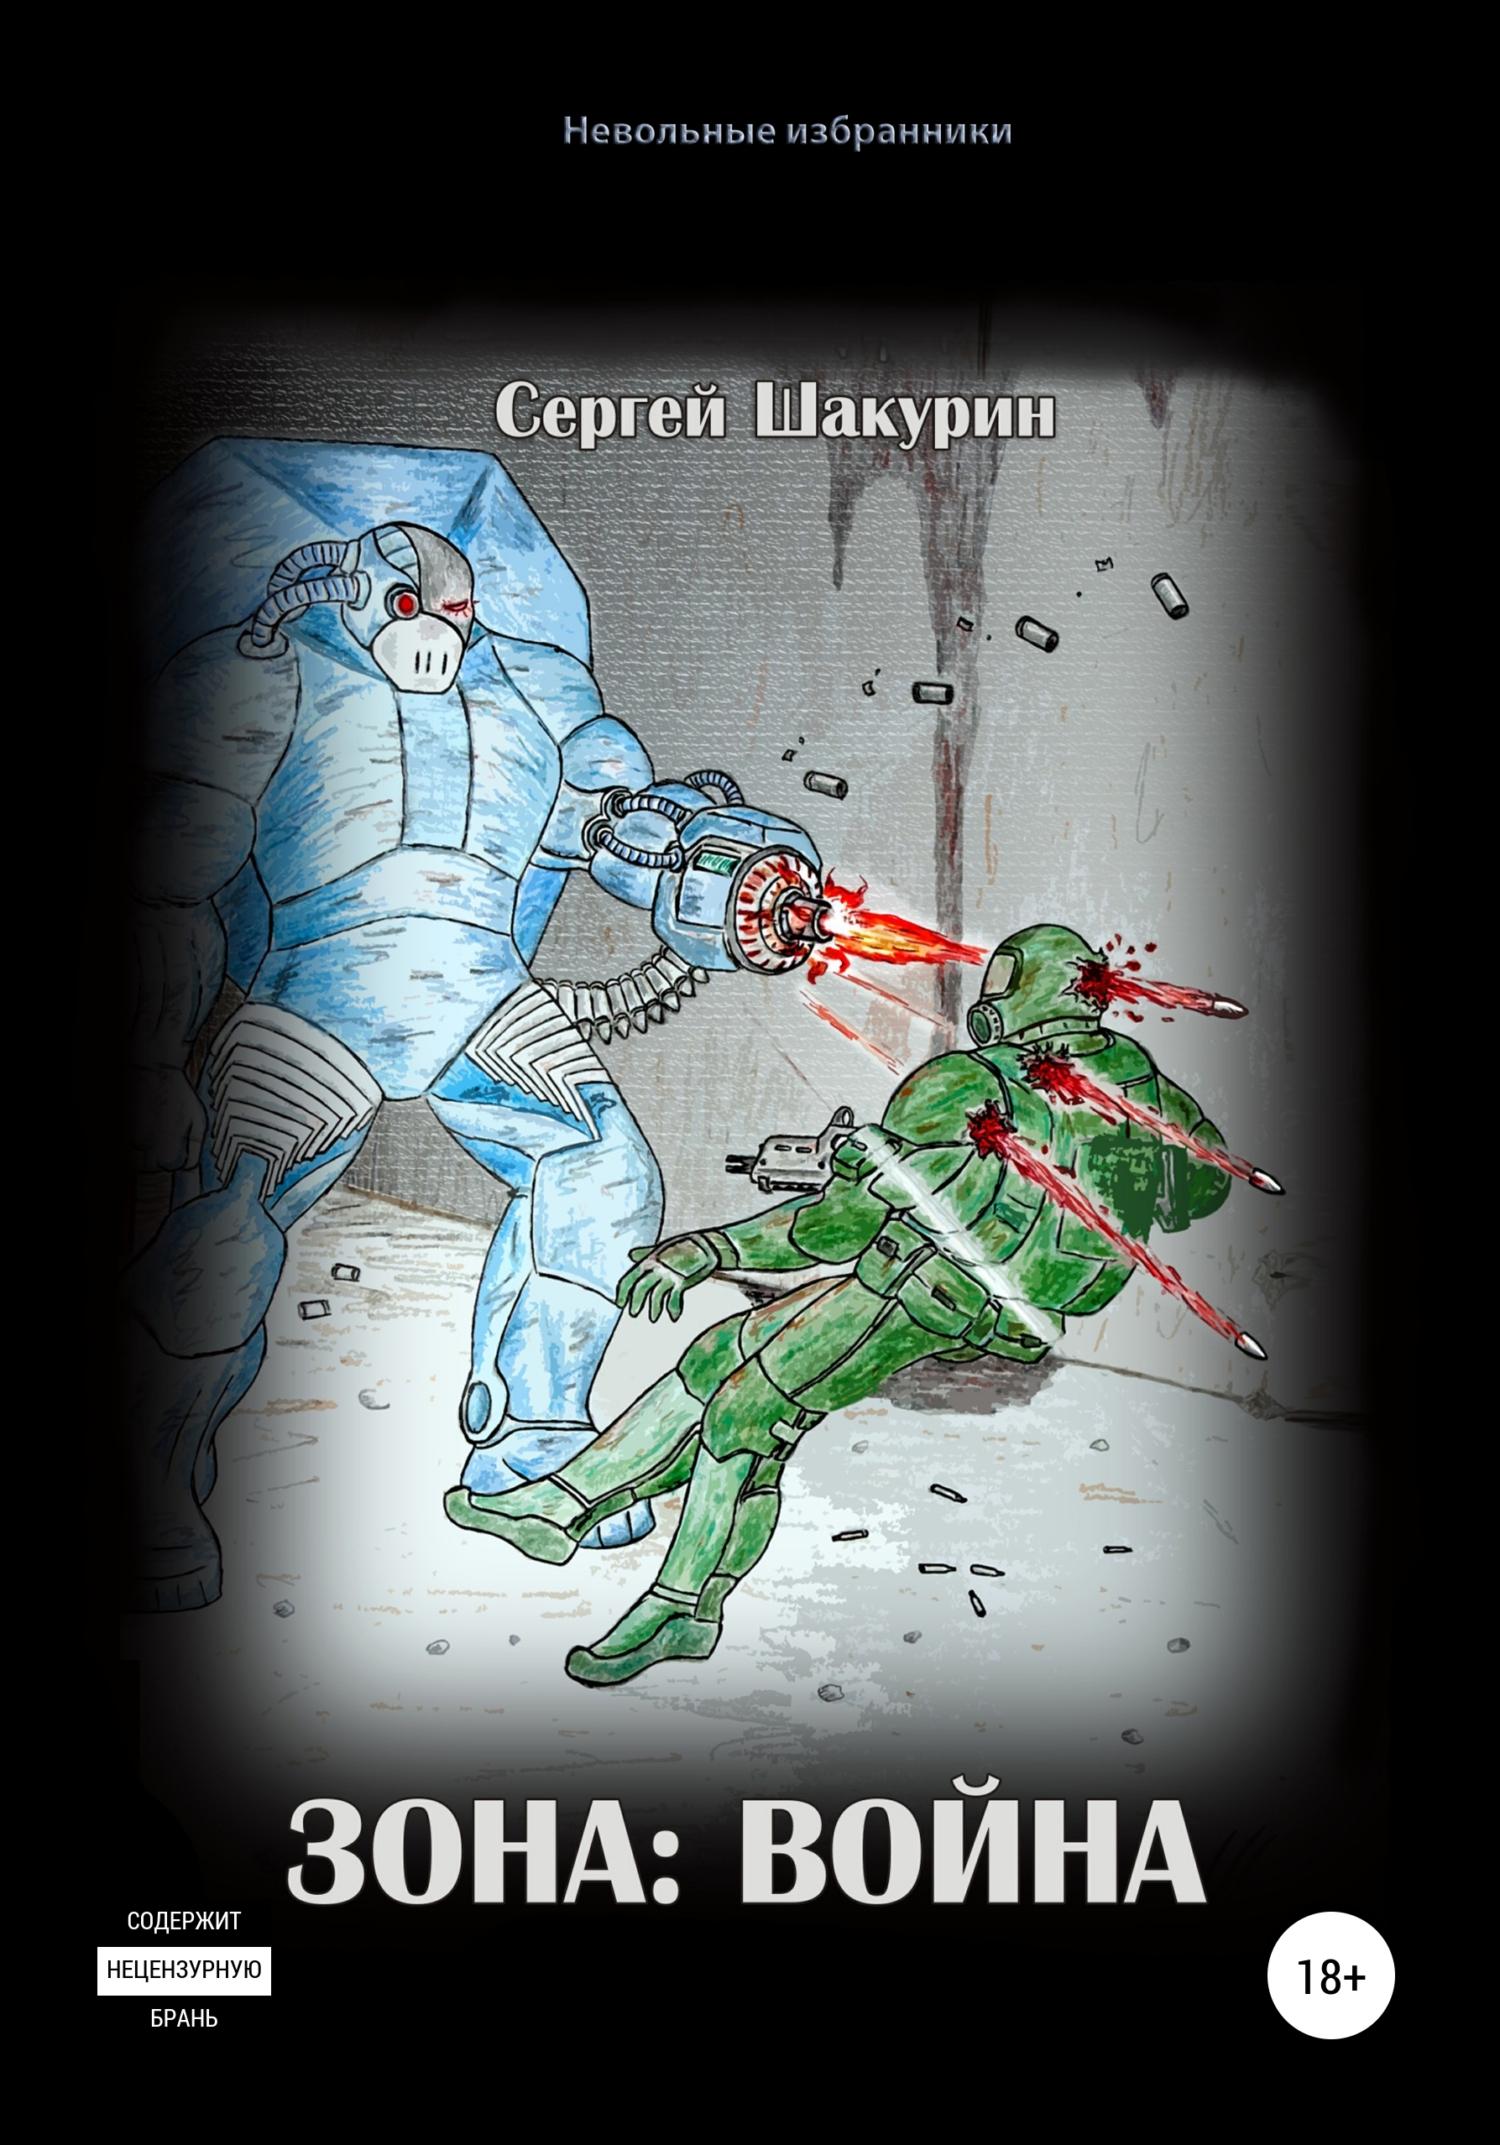 цена на Сергей Витальевич Шакурин Зона: война